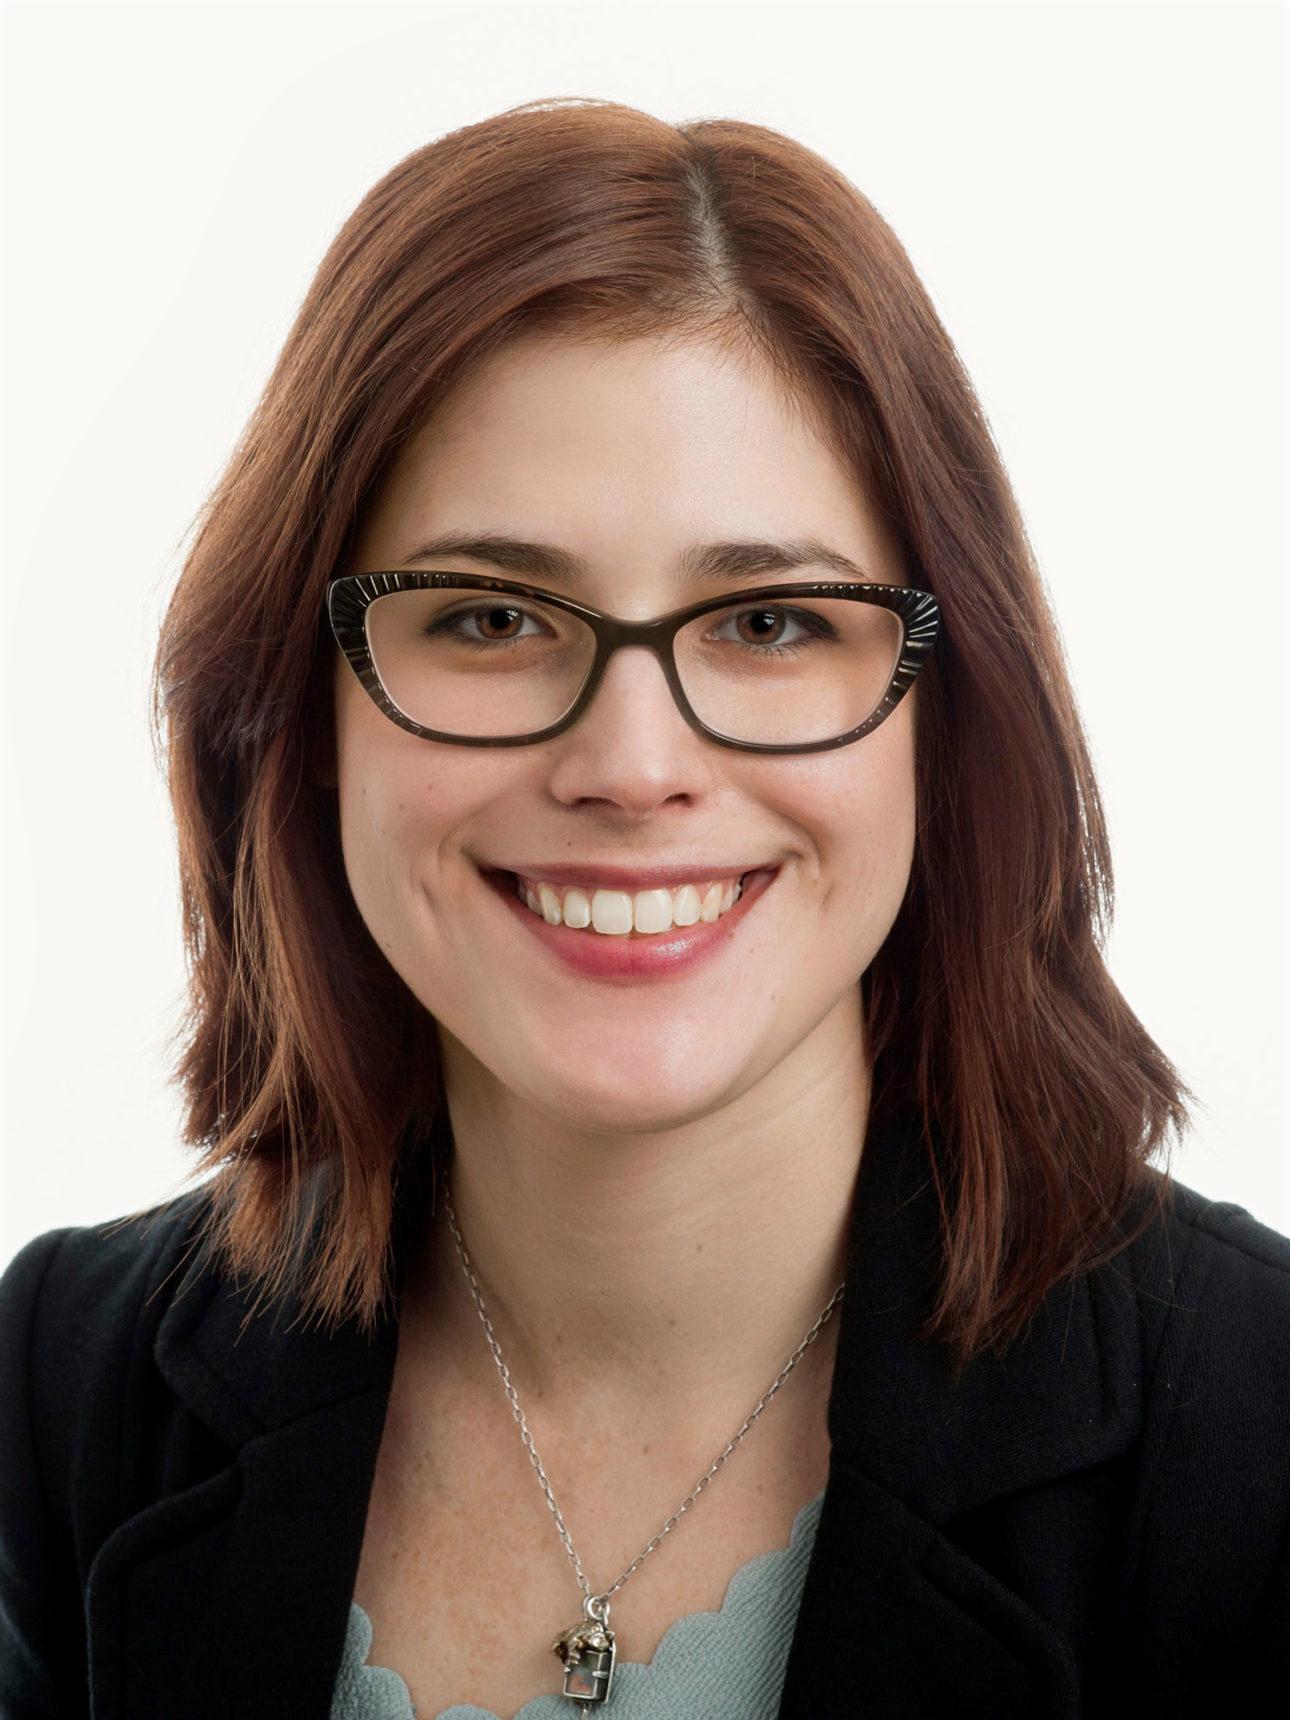 Portrait photo of Carsen Stringer